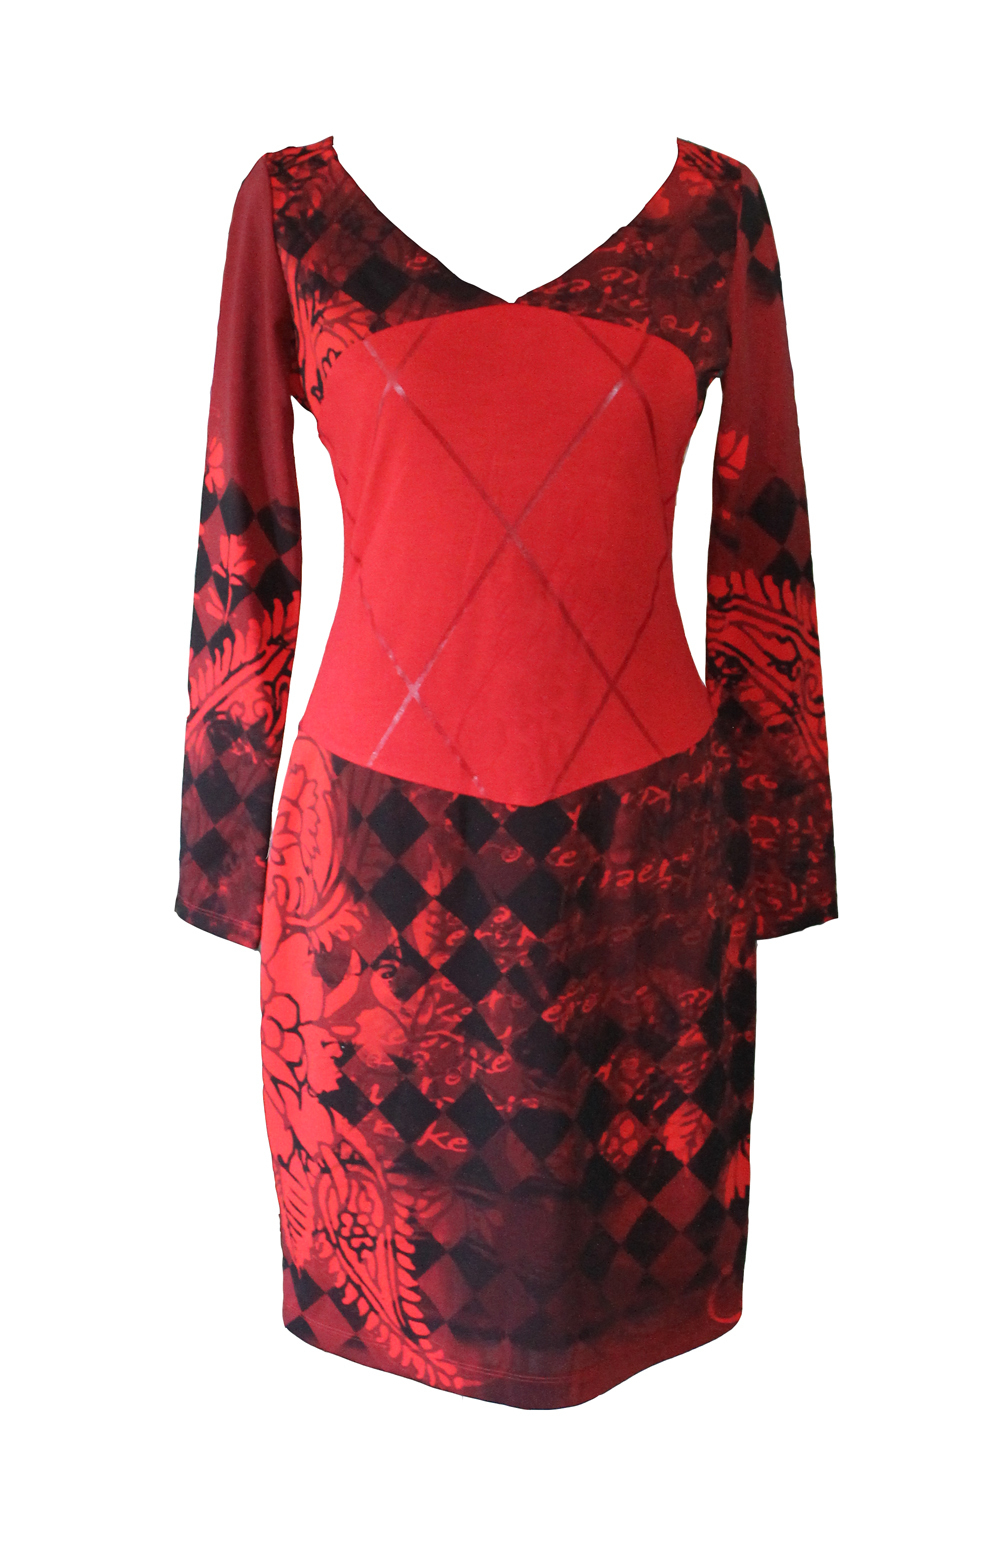 Eroke Italy: Red Hot Diamond Dress (1 Left!)